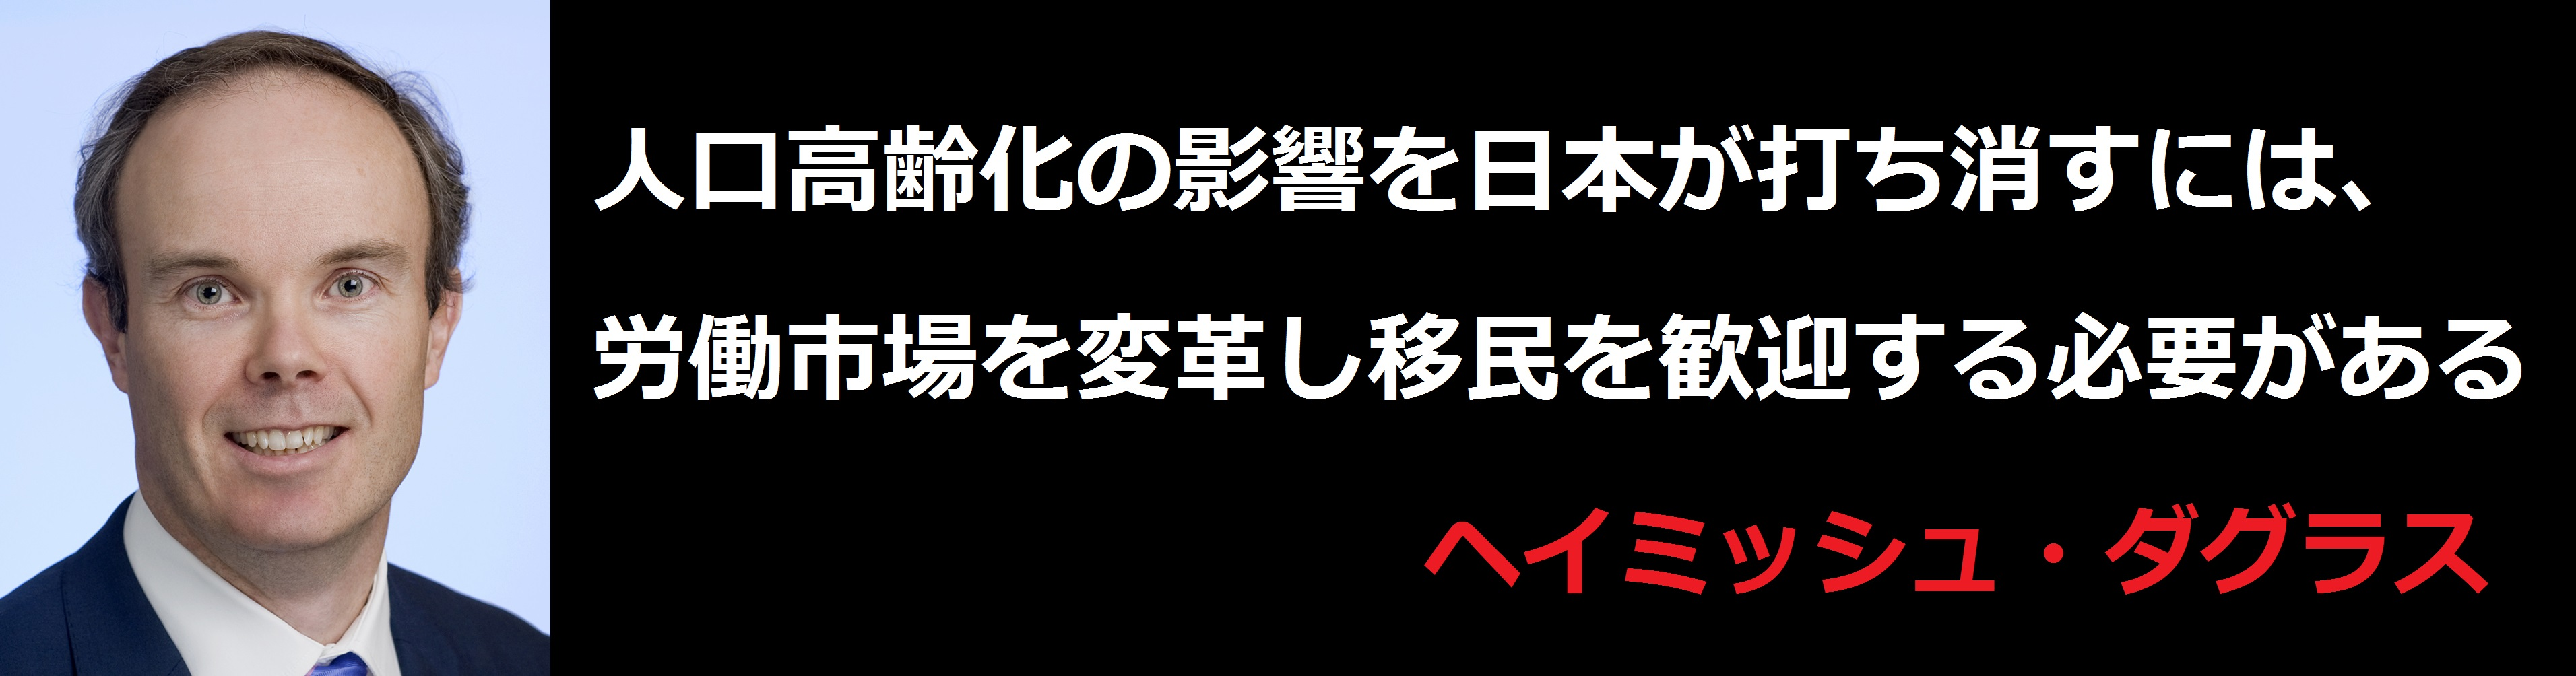 f:id:JAPbuster:20170219005218j:plain